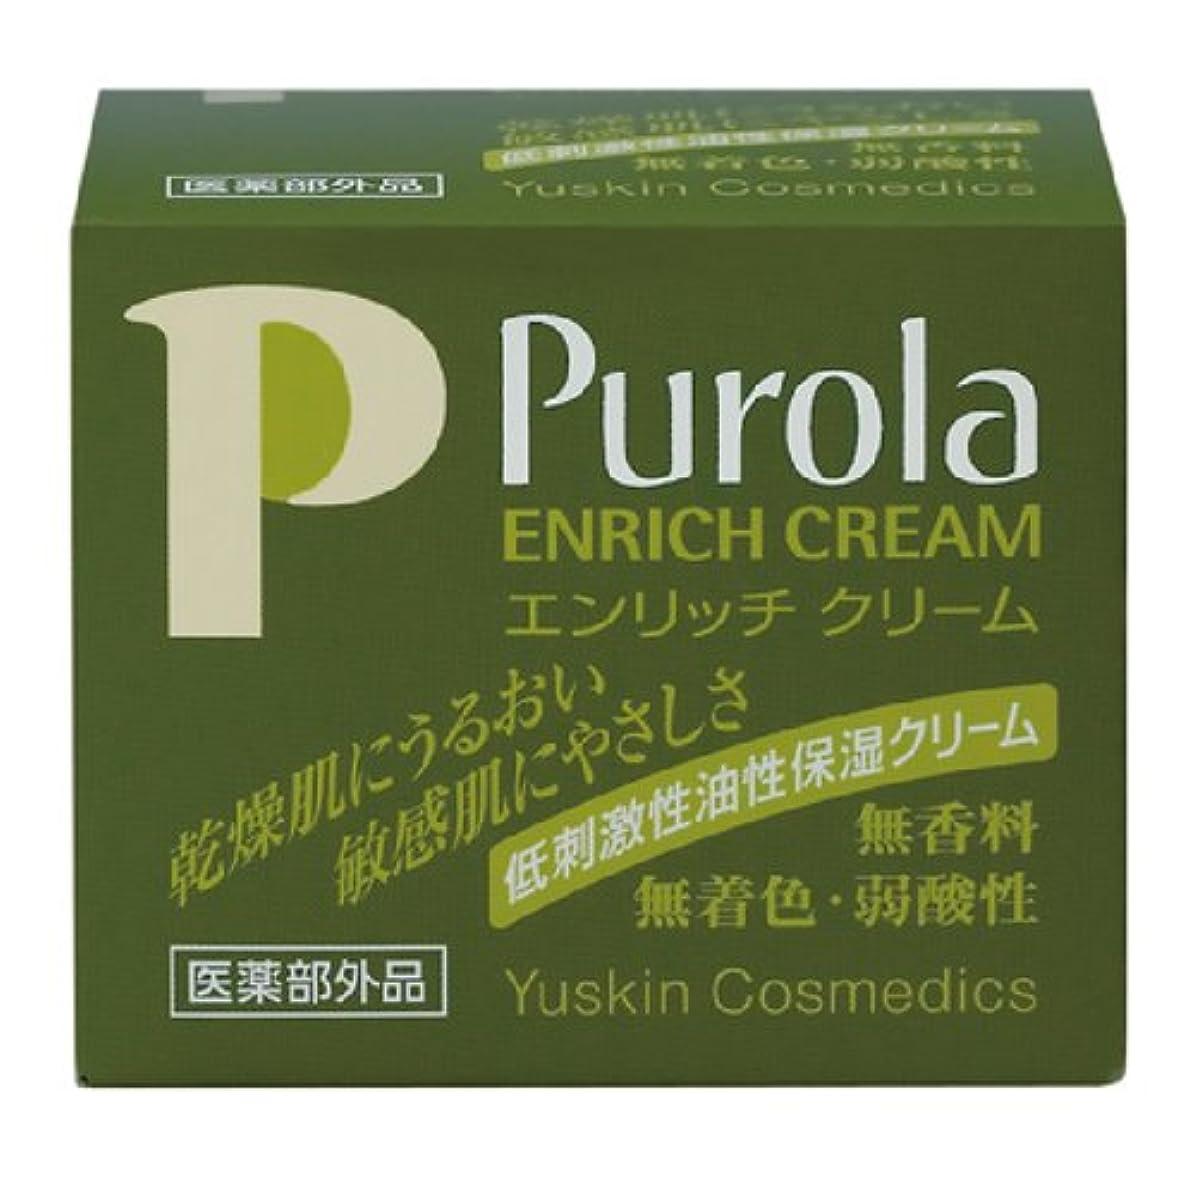 不規則なとても知的プローラ 薬用エンリッチクリームa 67g